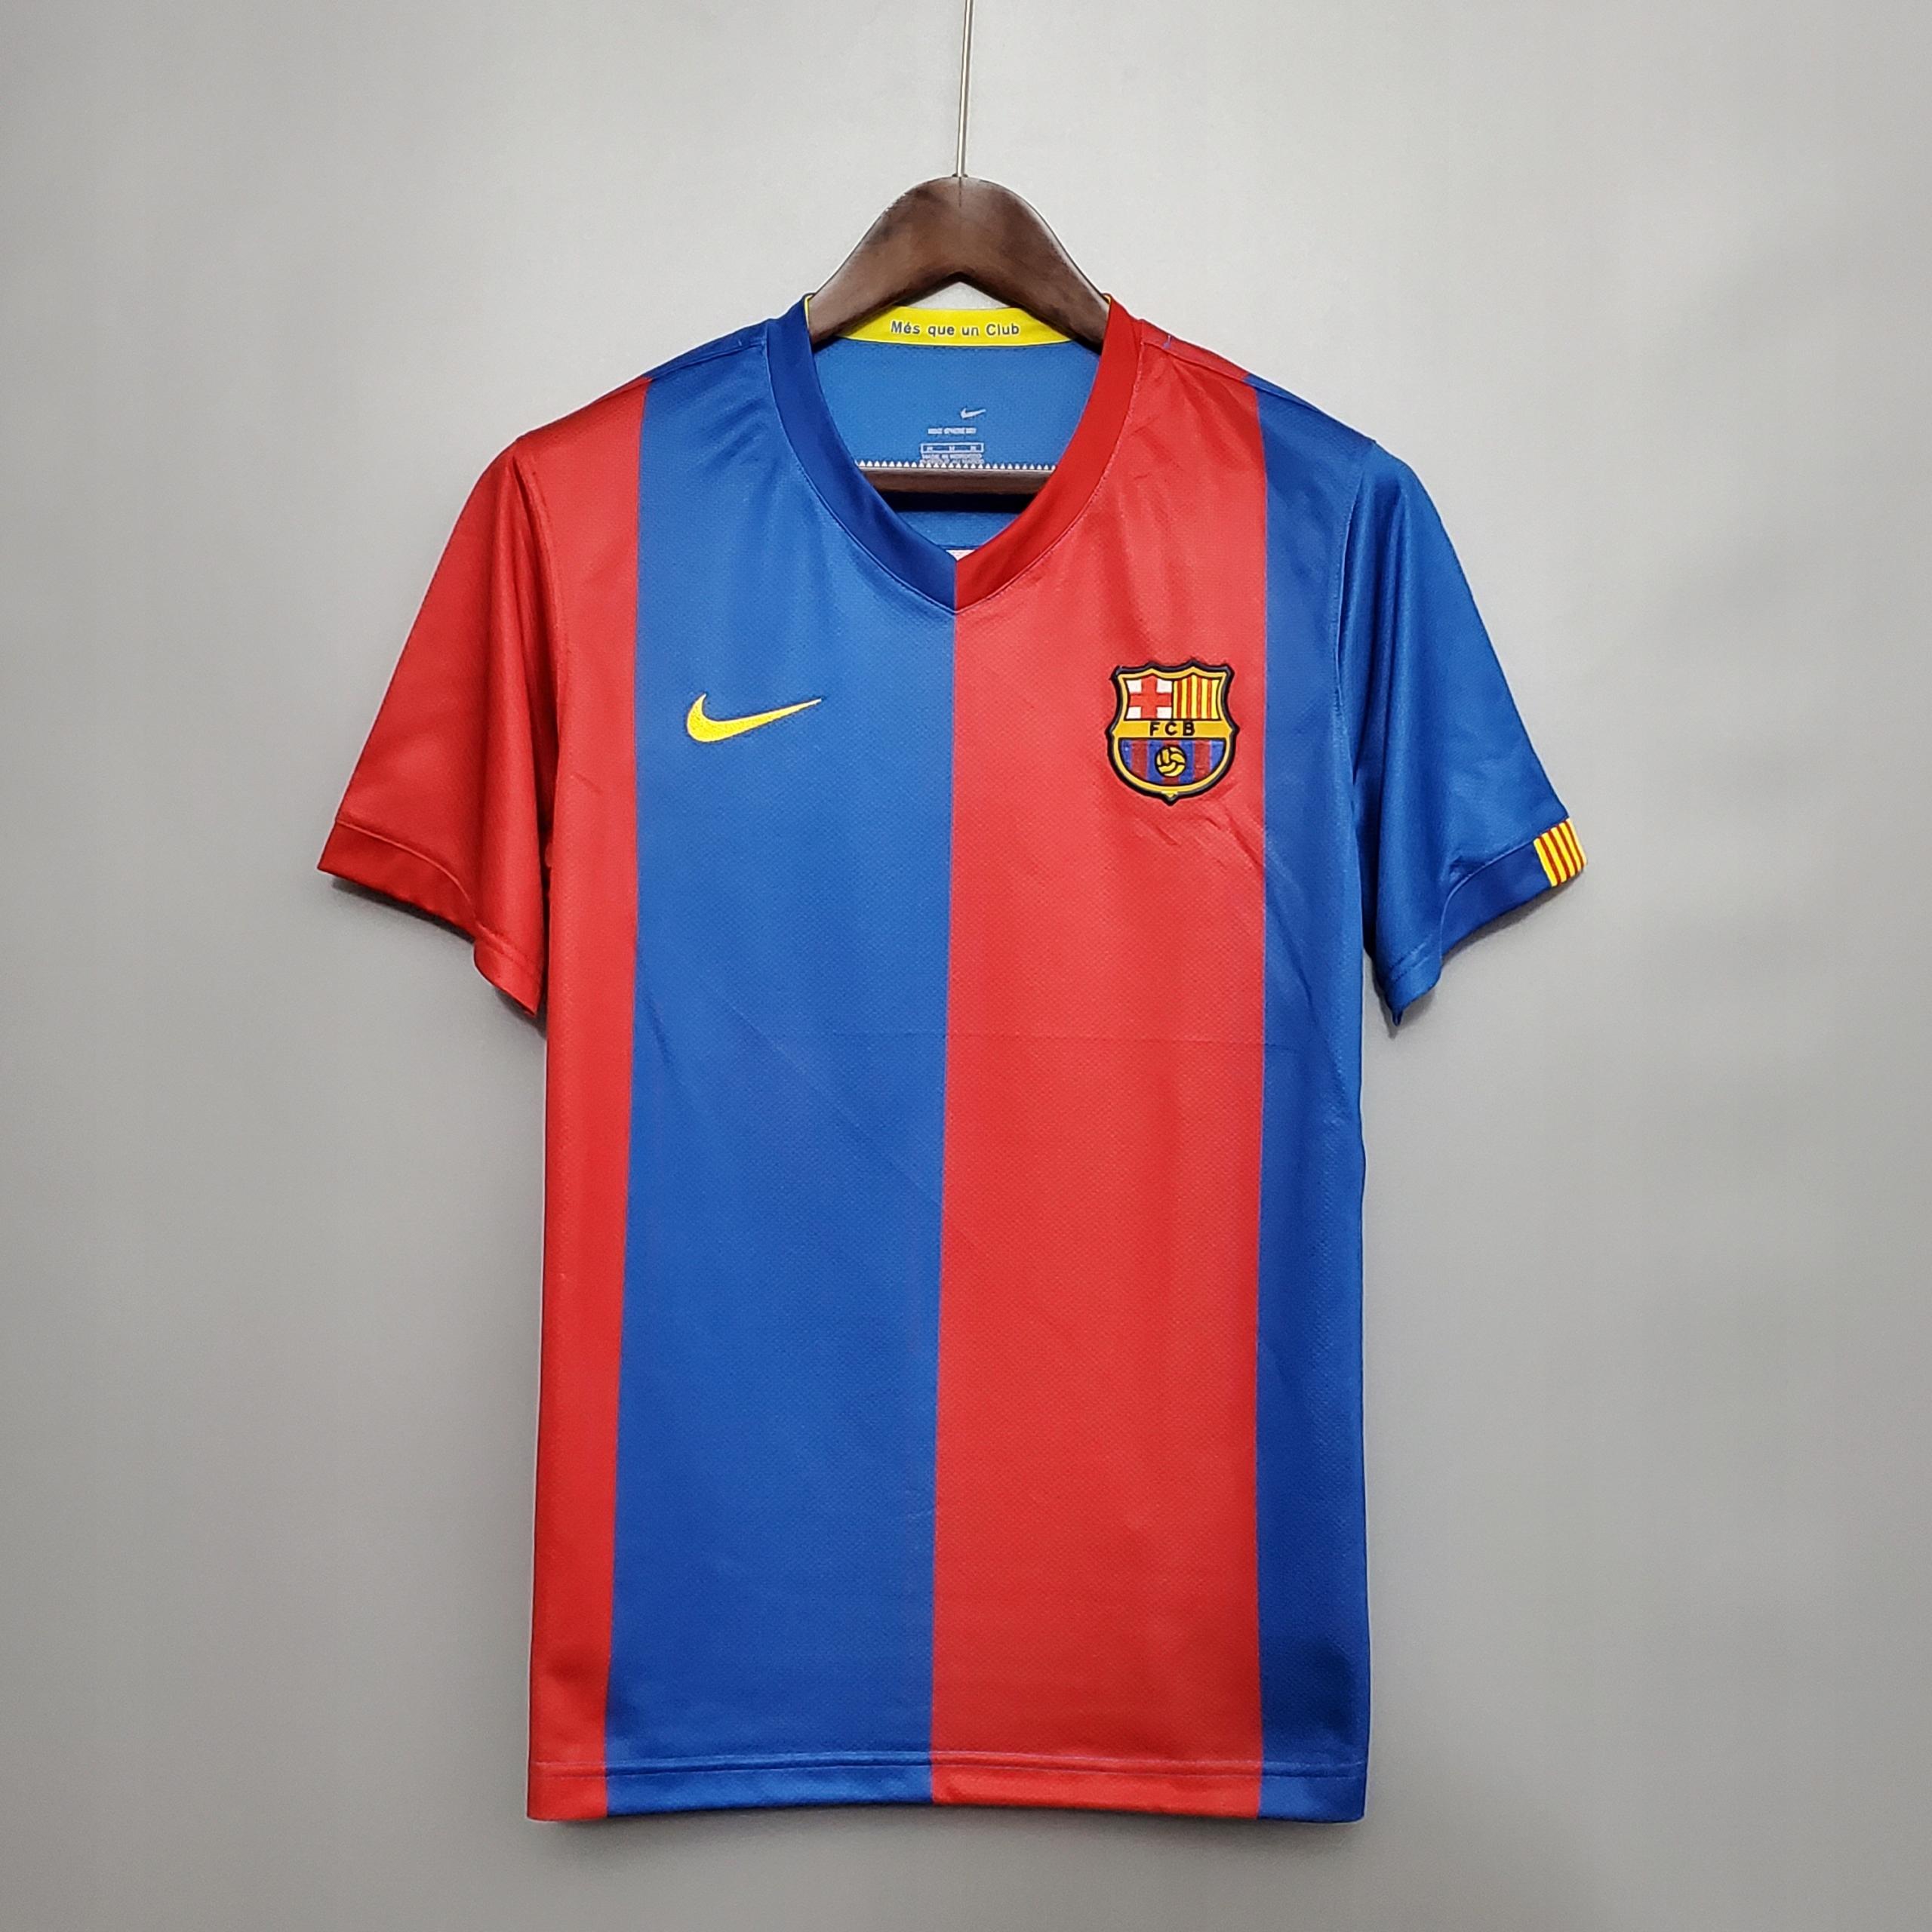 2006 - 2007 retro futbalový dres v Barcelone